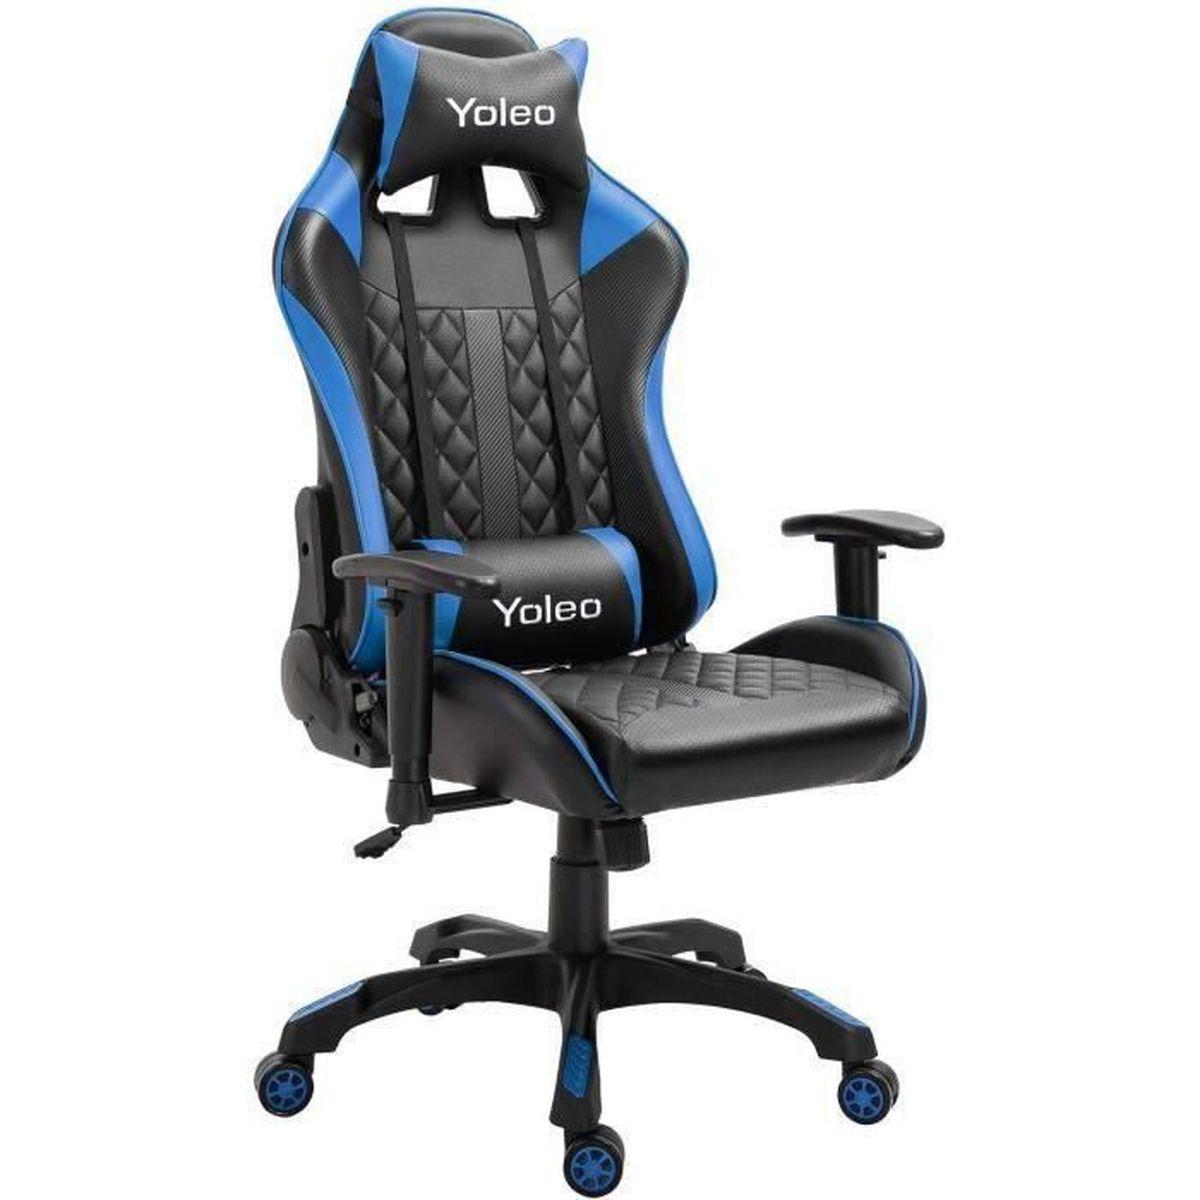 Chaise de bureau gaming fauteuil ergonomique avec coussins, siège